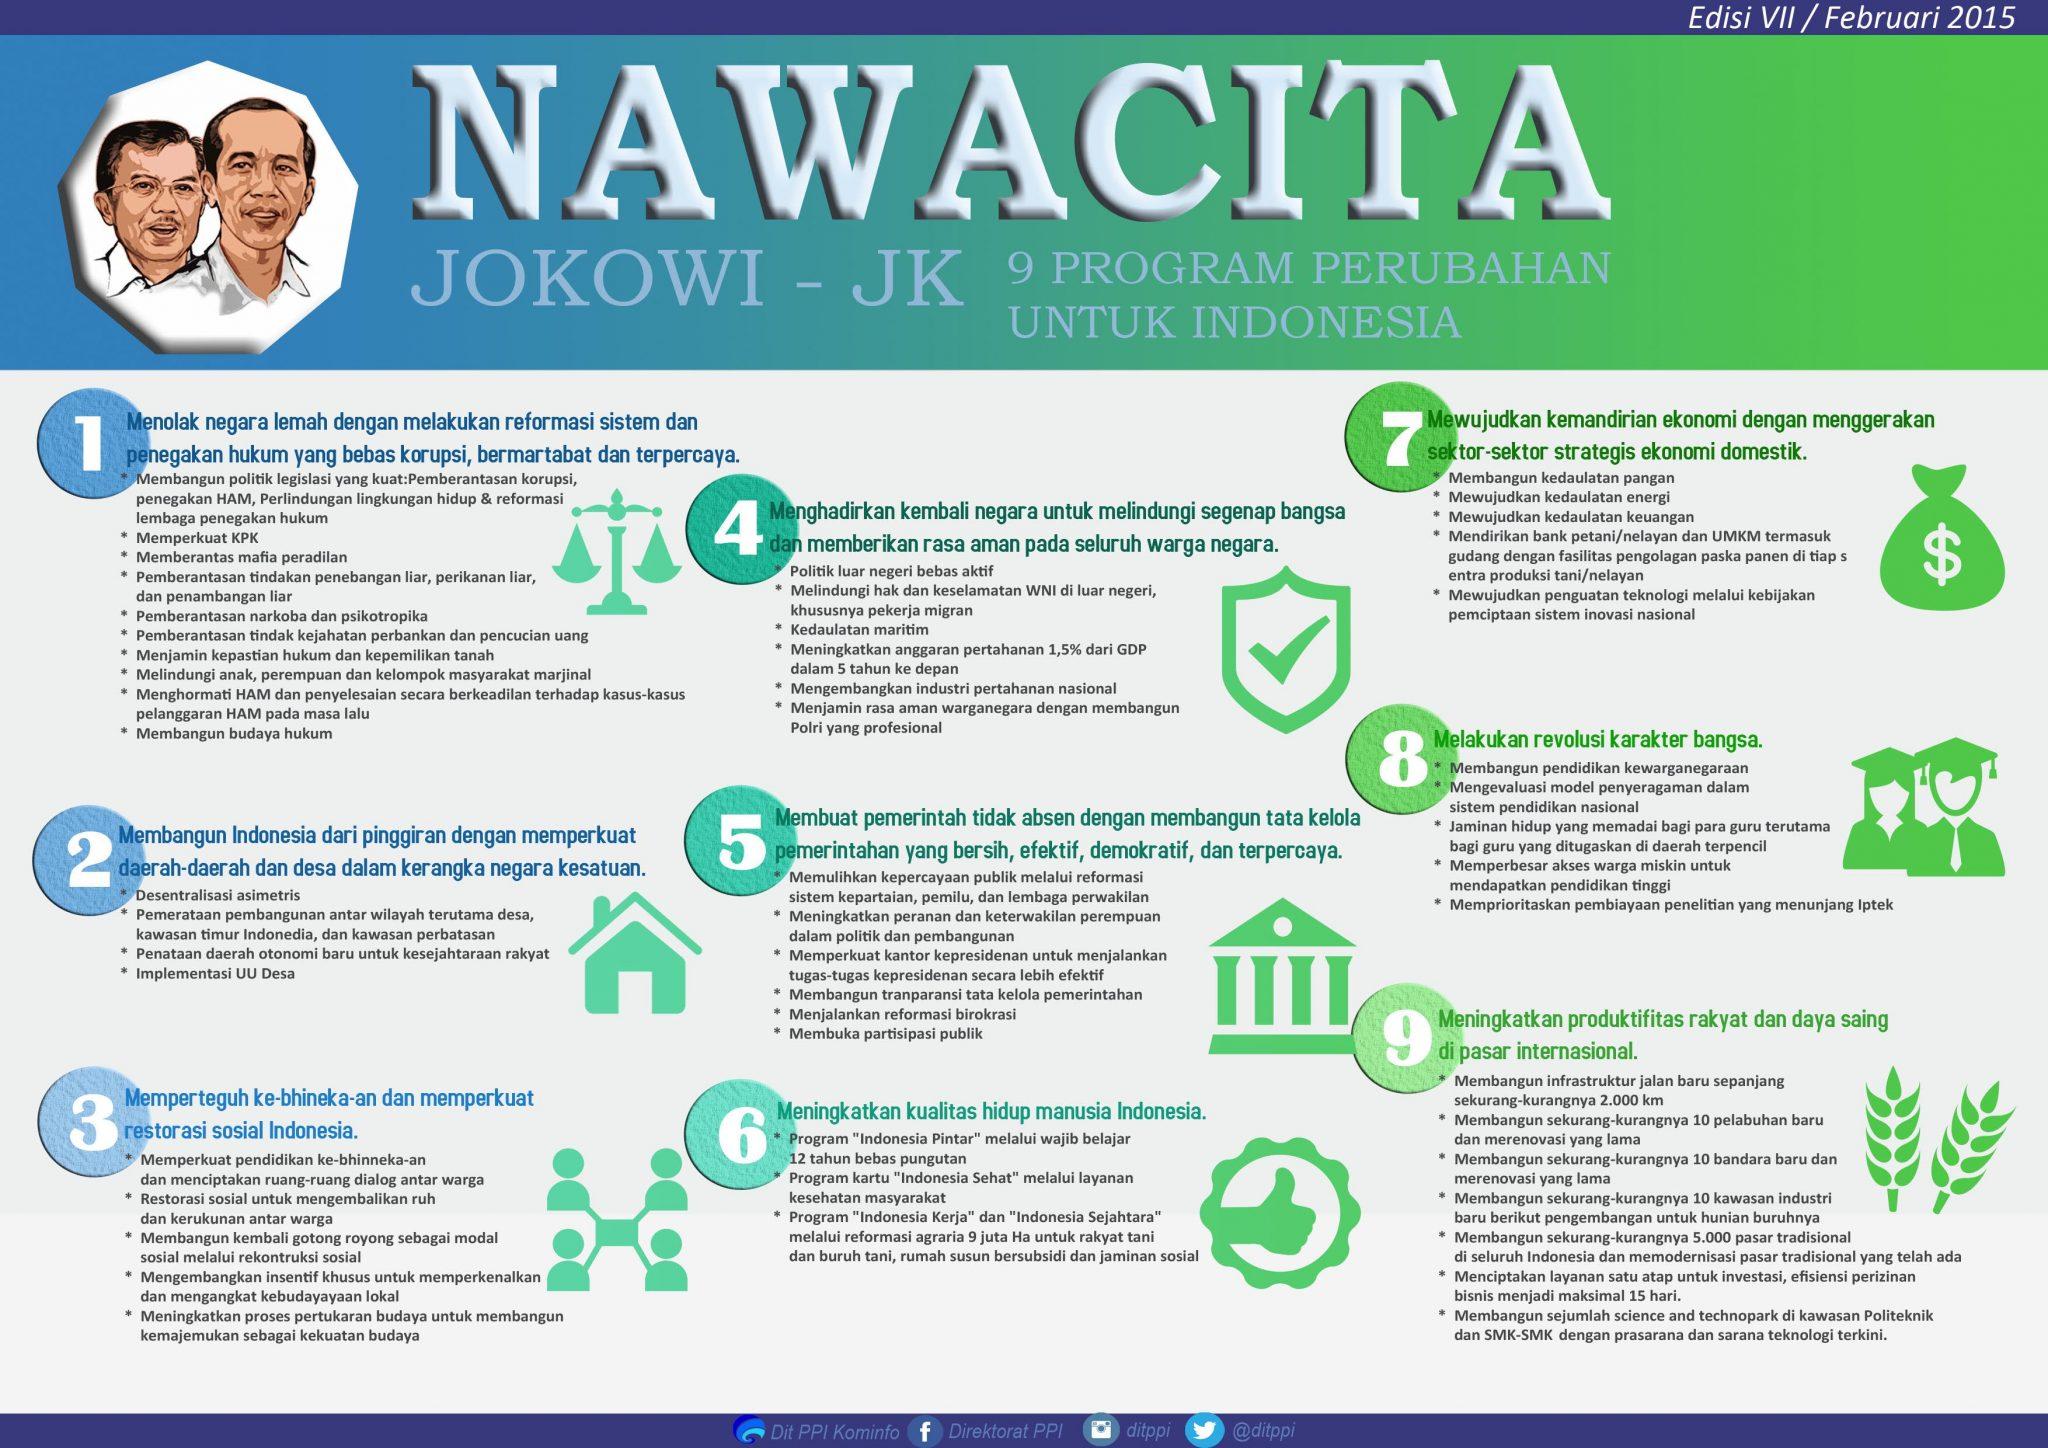 NawaCita-dok